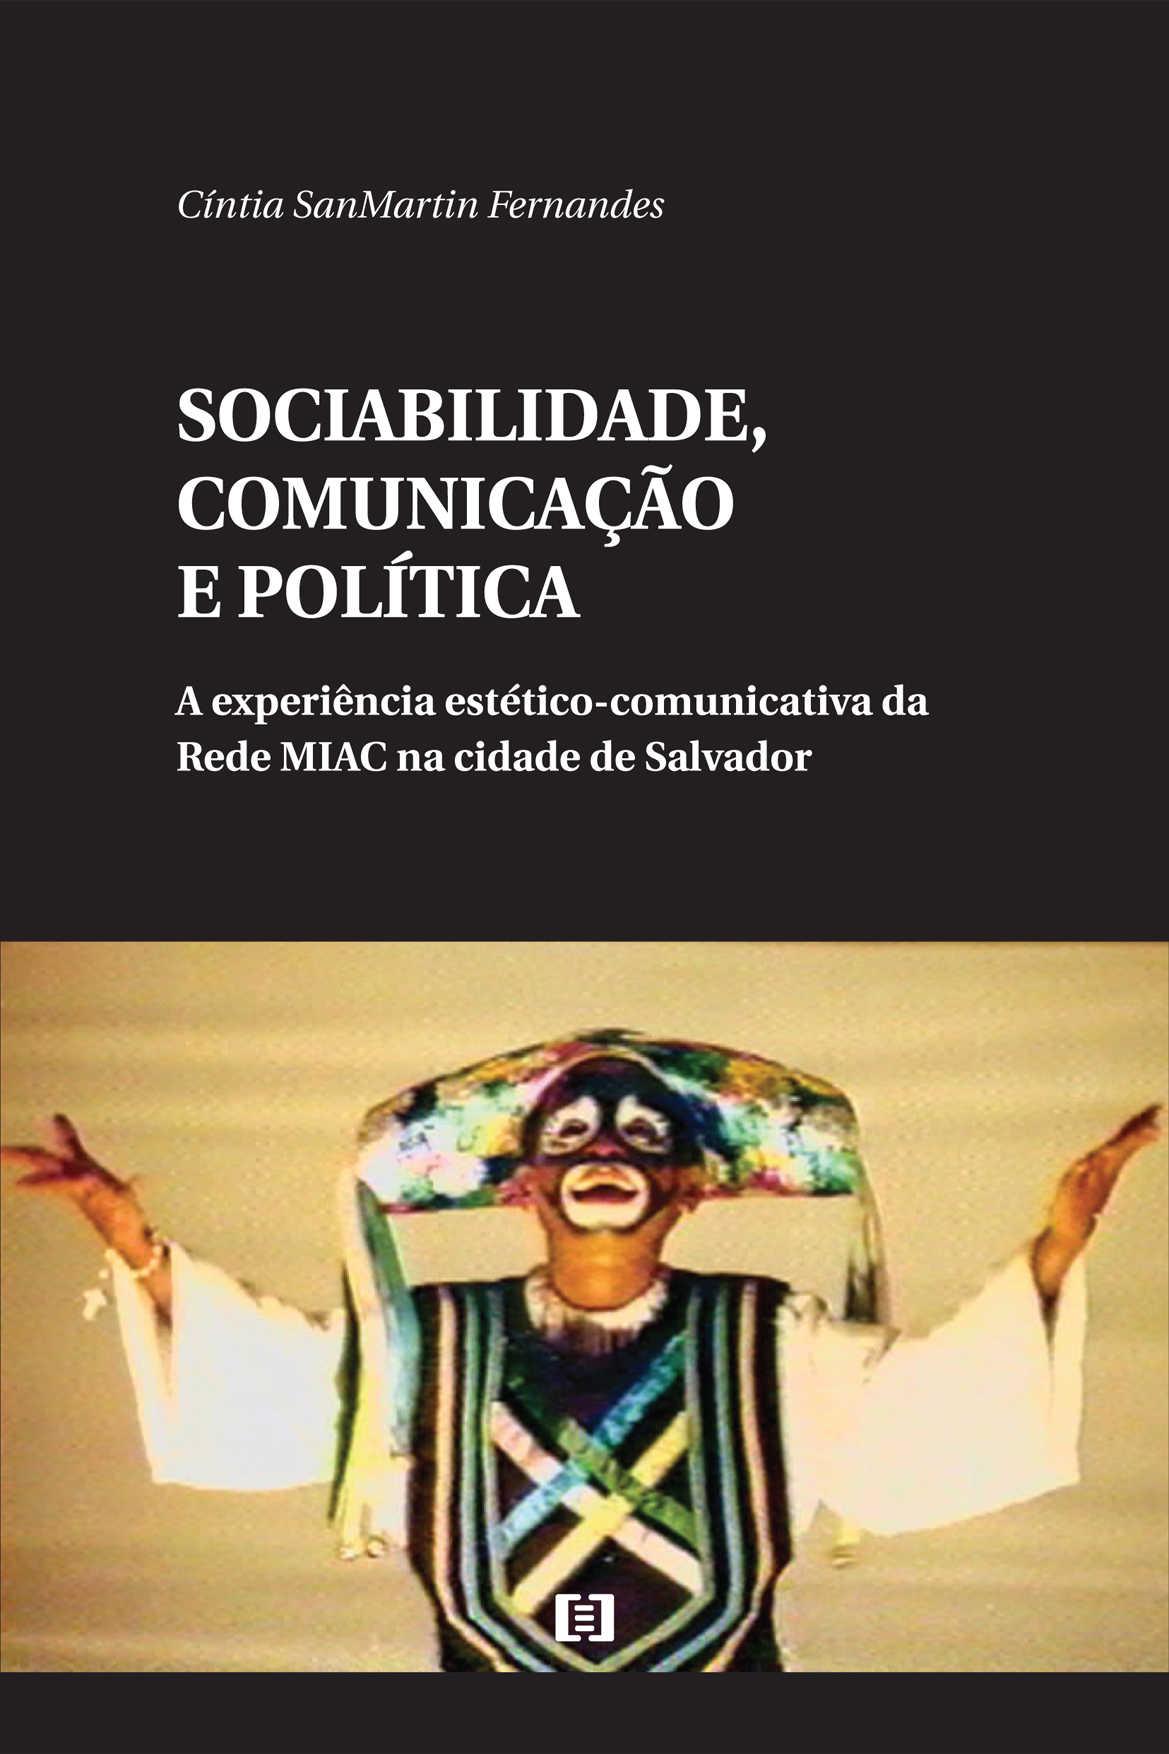 Sociabilidade, Comunicação e Política: A experiência estético-comunicativa da Rede MIAC na cidade de Salvador